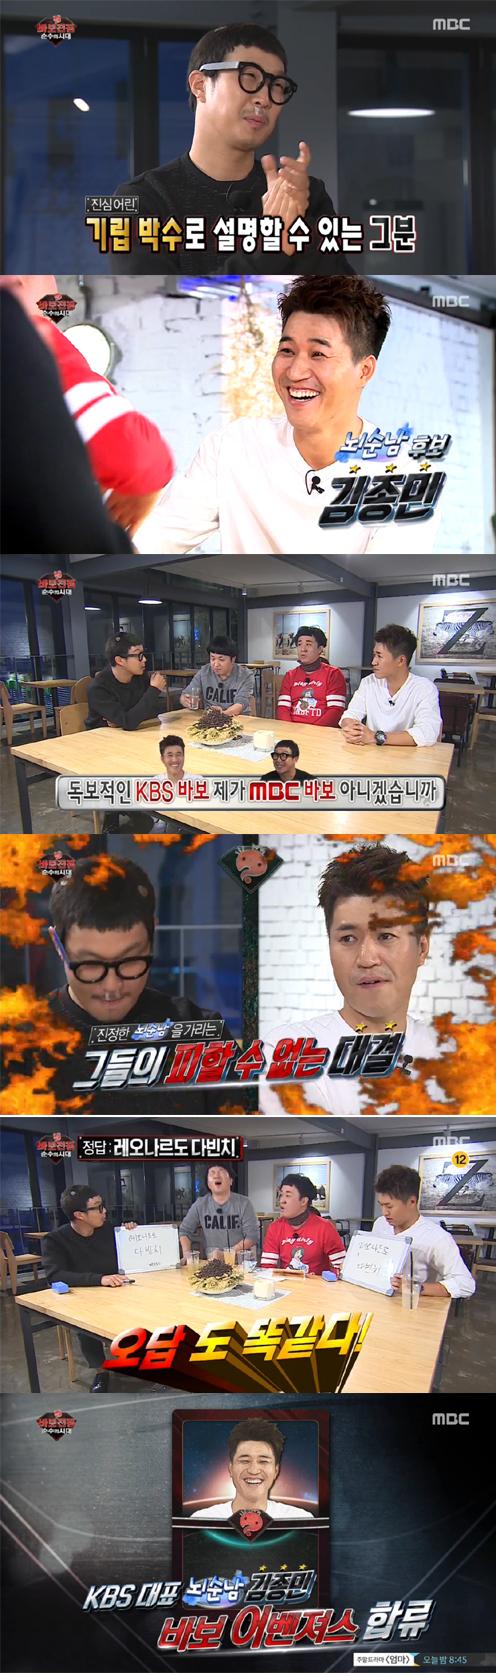 김종민, 하하와 치열한 접전 끝에 '바보 어벤저스' 최종 합류